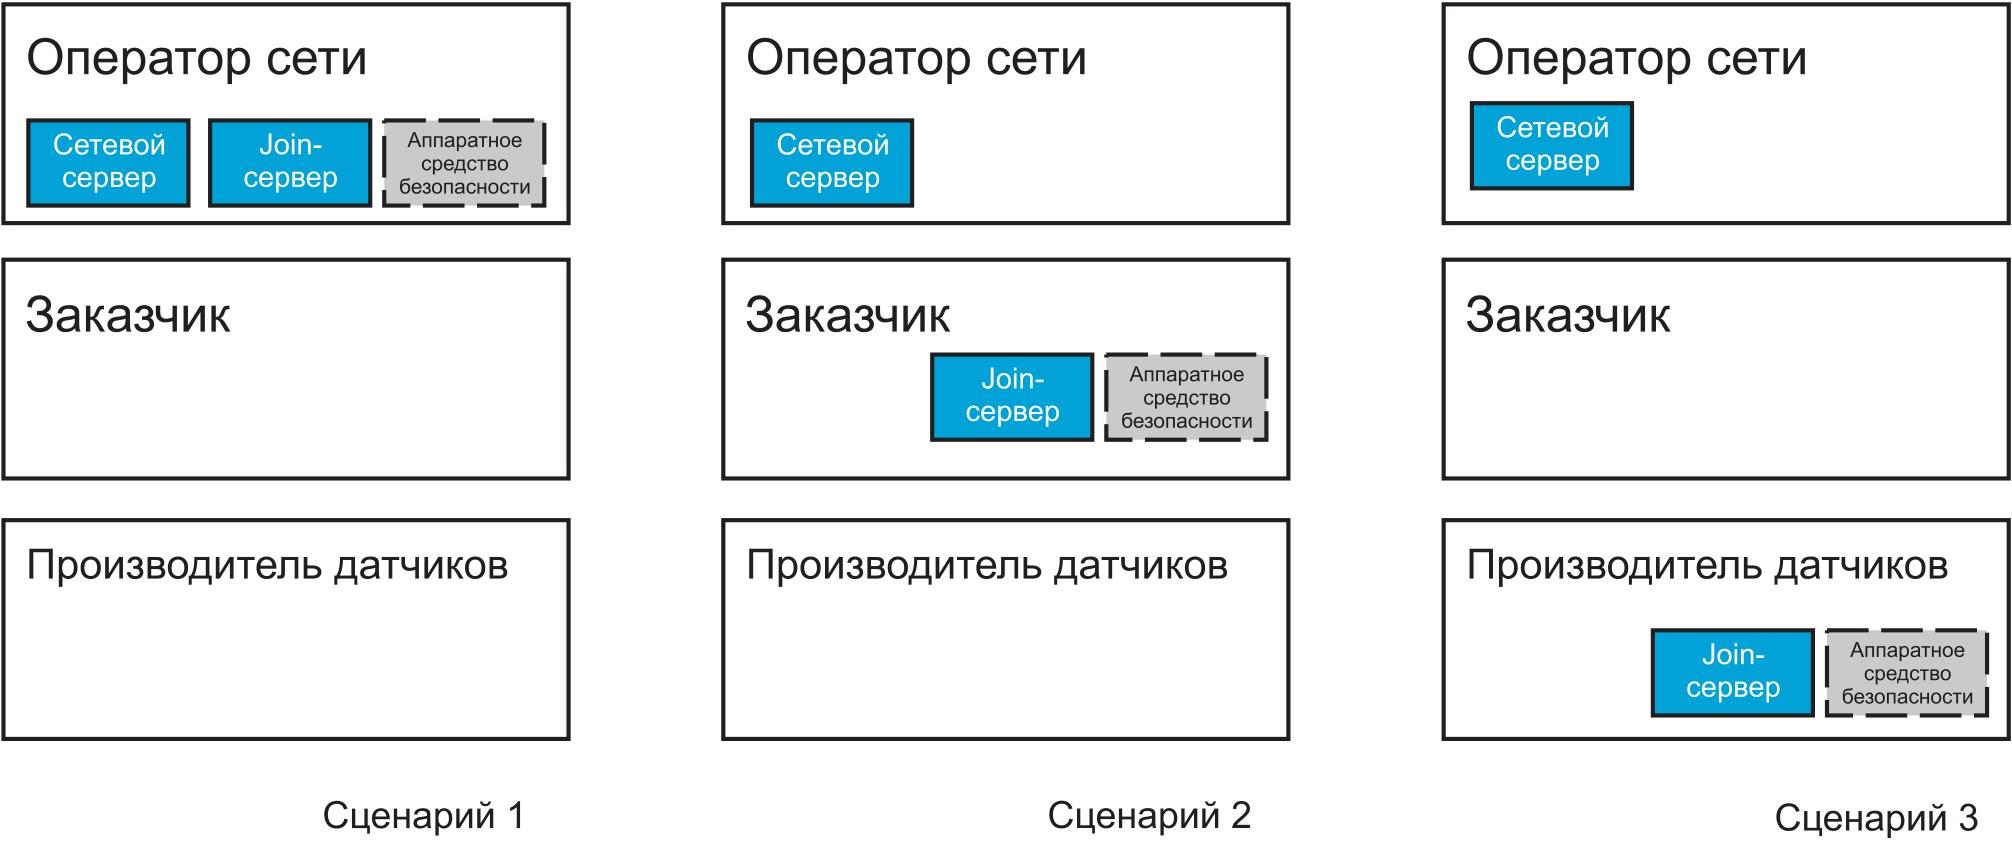 Возможные сценарии размещения Join-сервера